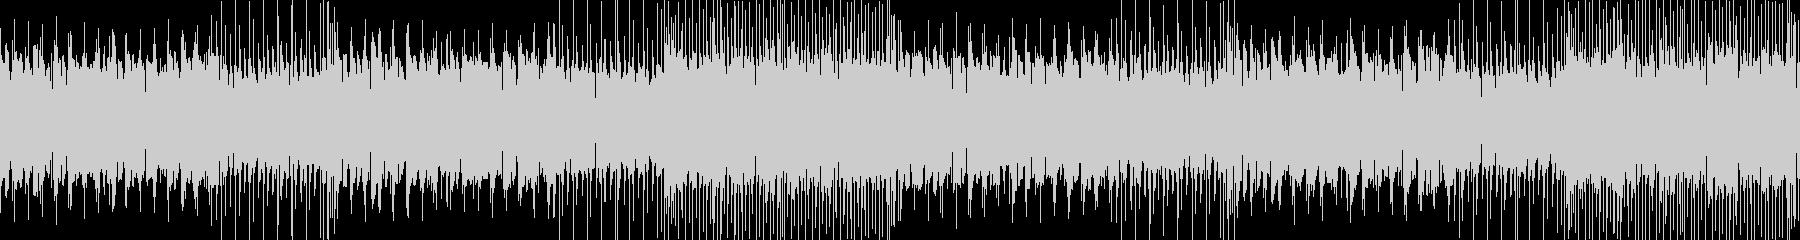 ケルト調の通常戦闘曲の未再生の波形